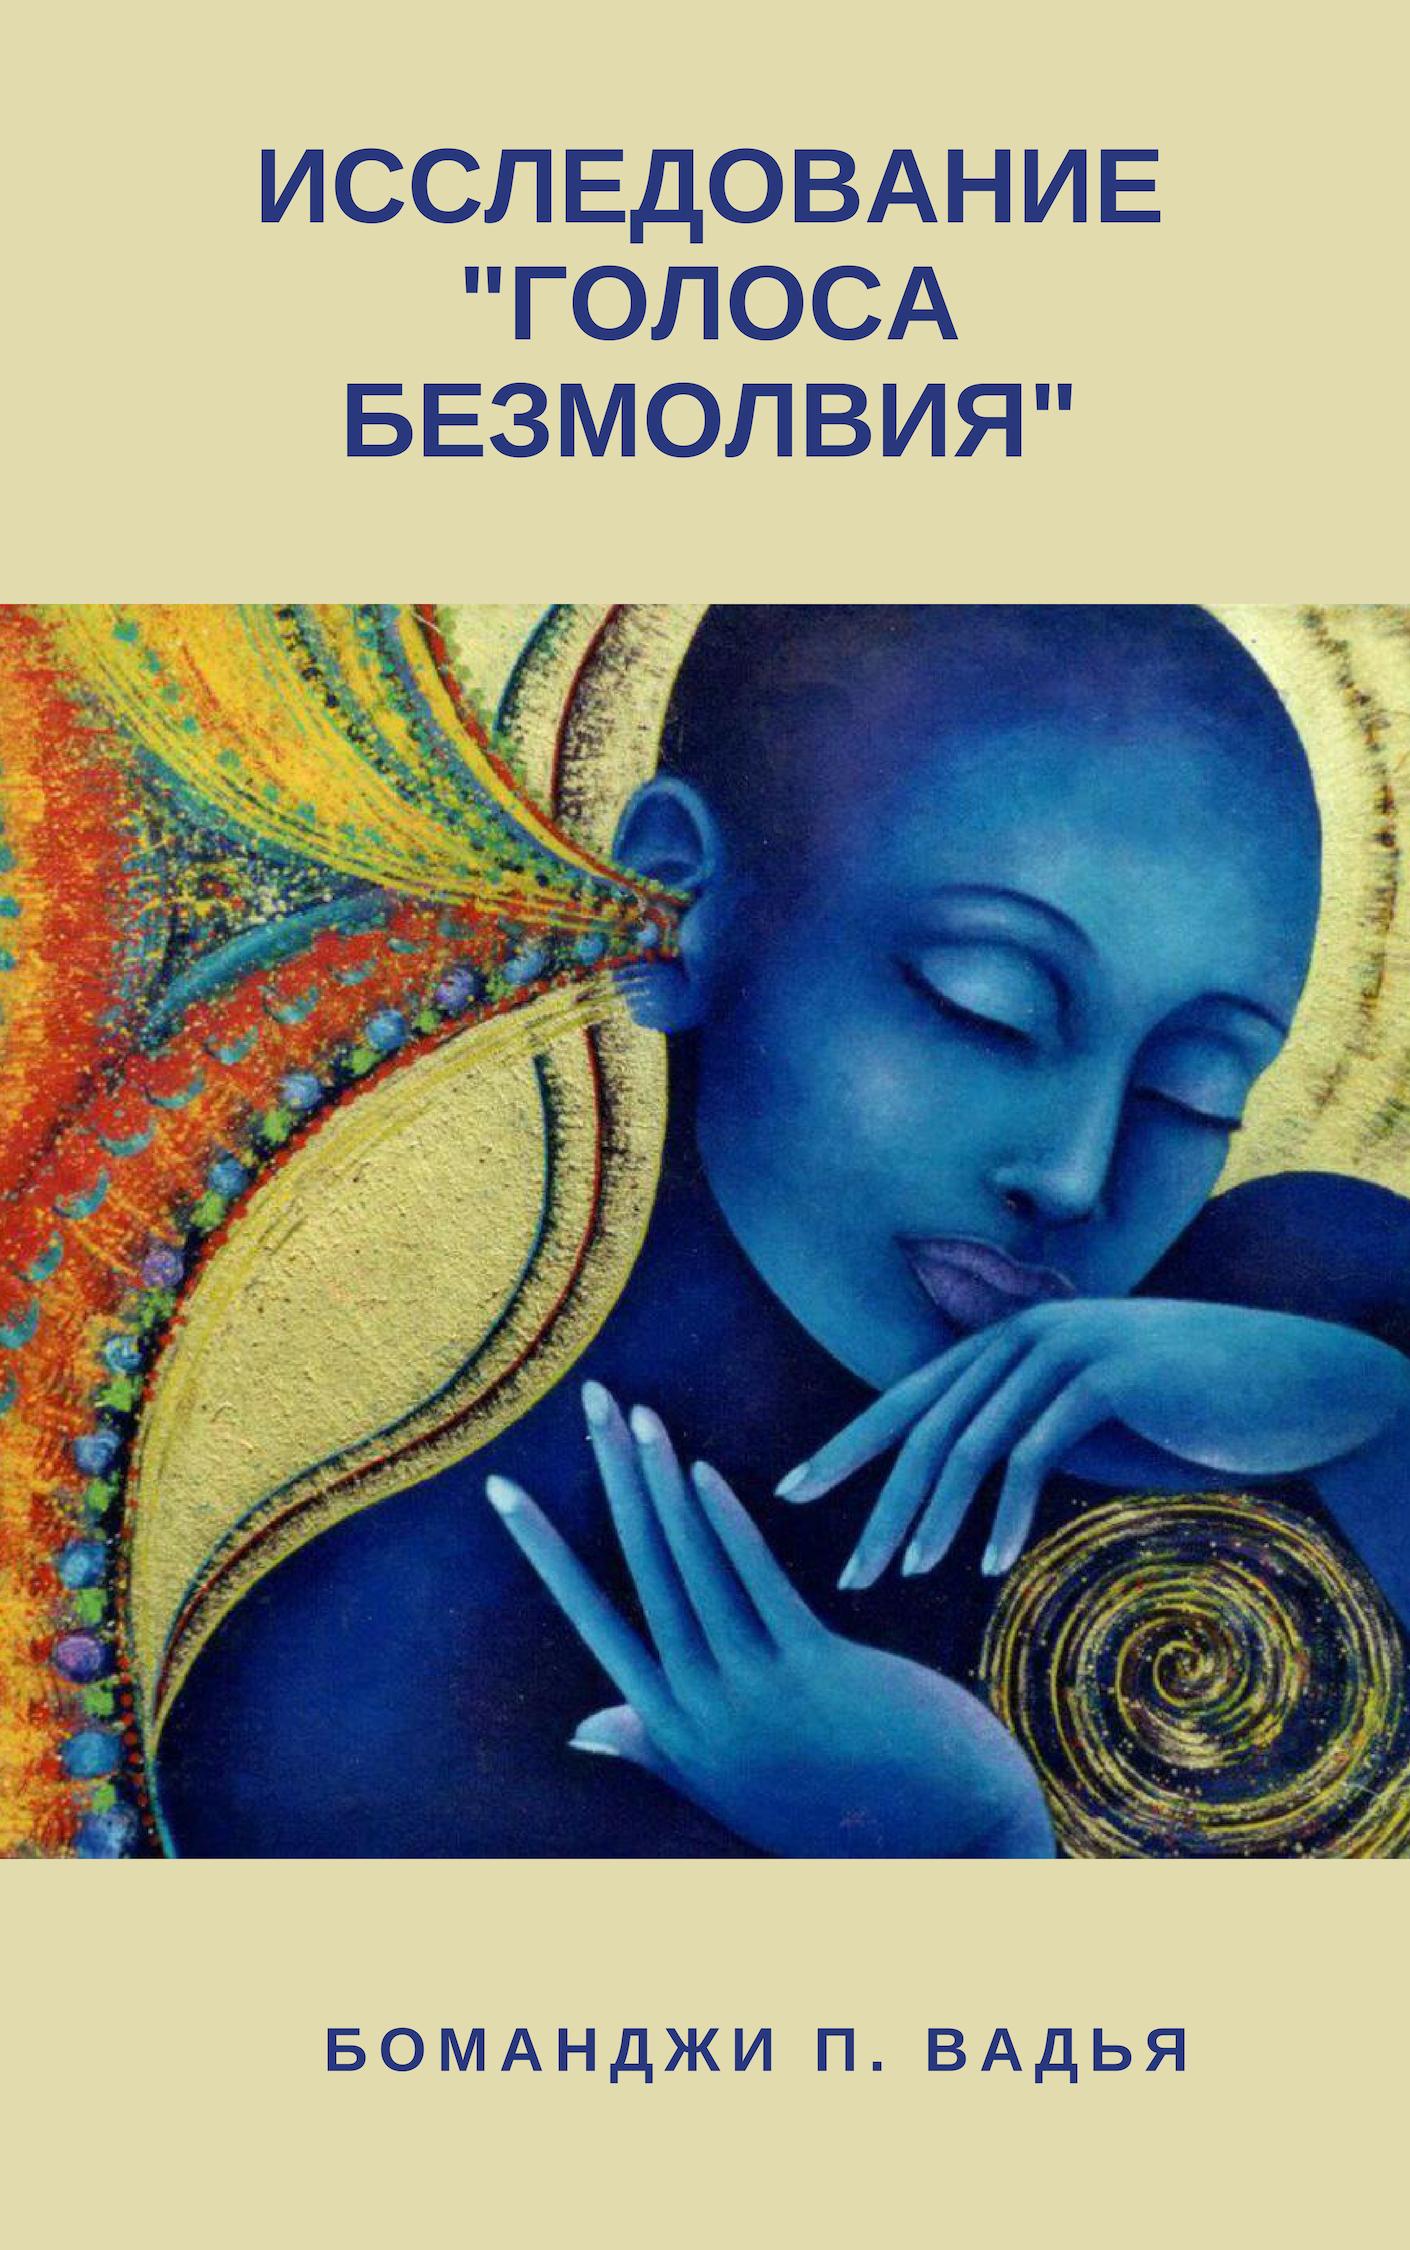 """Исследование """"Голоса Безмолвия"""" Боманджи П. Вадья"""